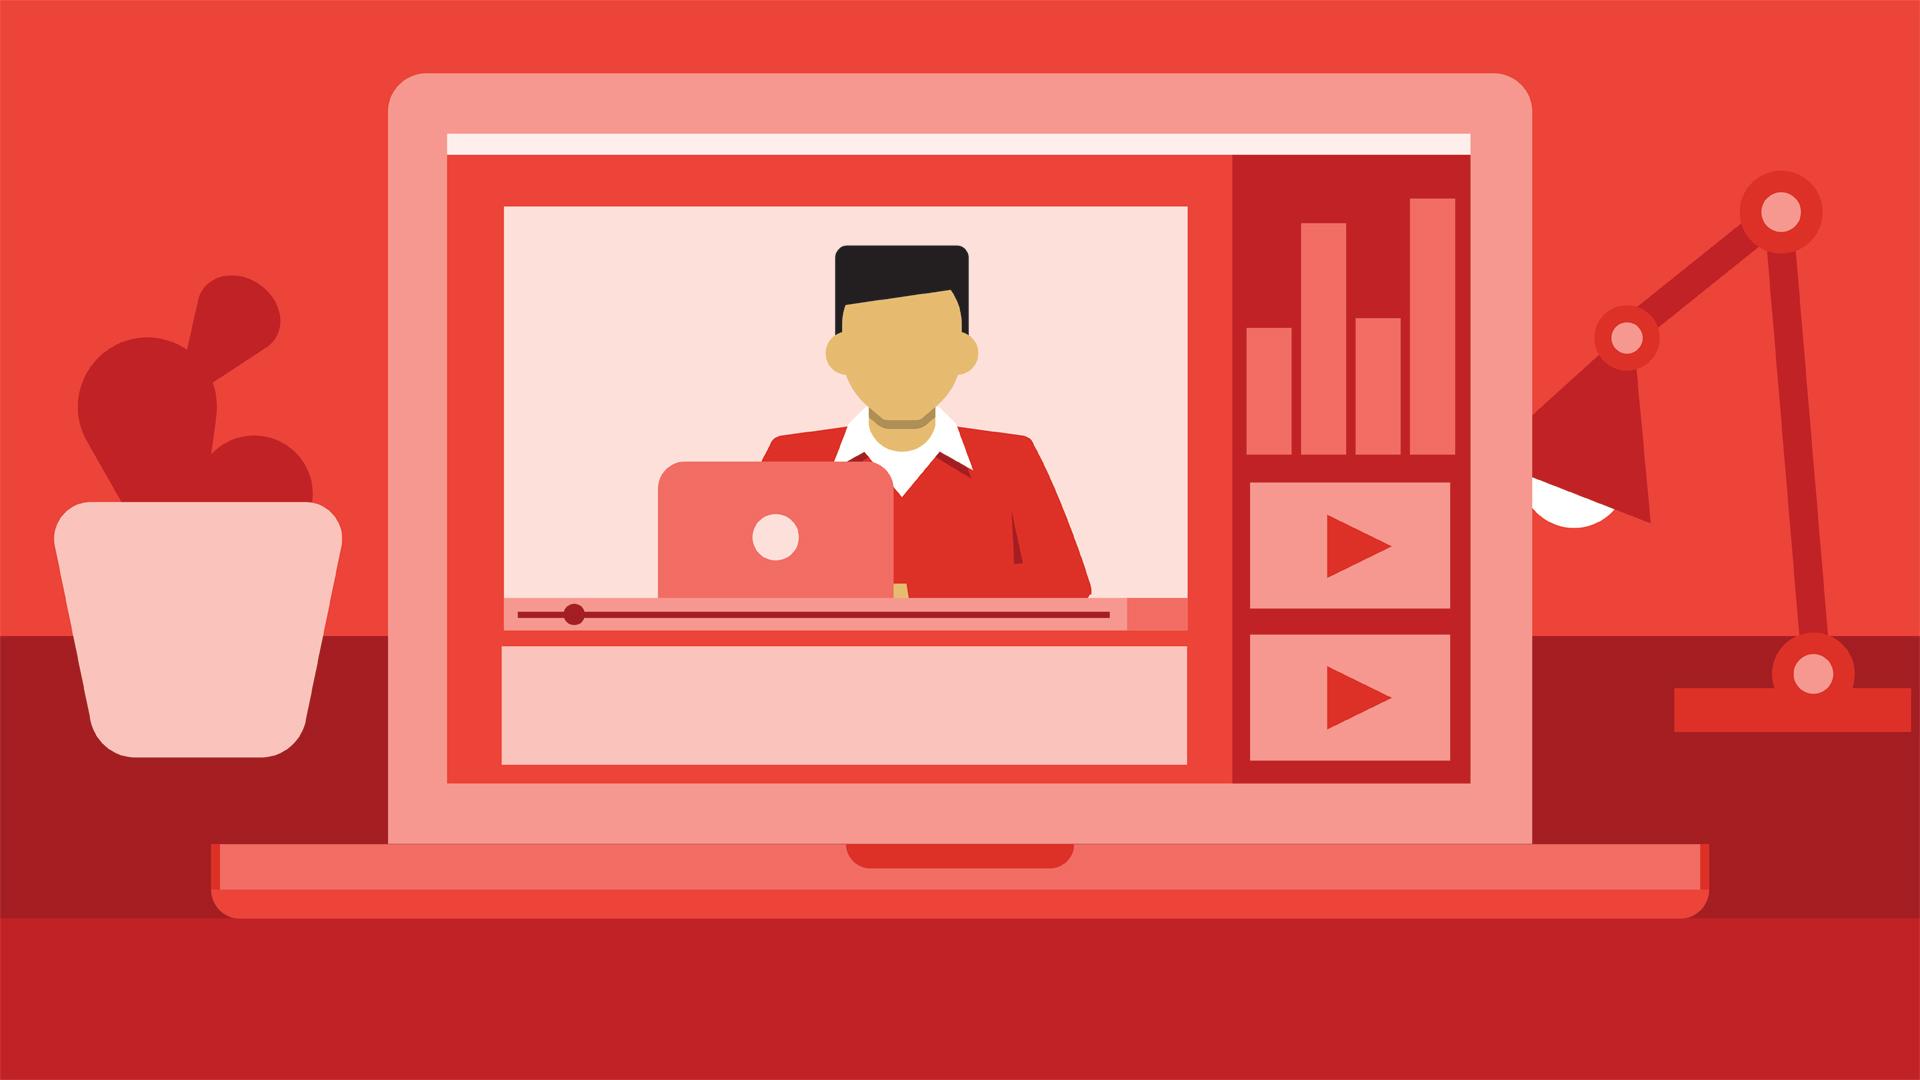 Иллюстрация на тему С чего начать Ютуб канал: создание с нуля, пошаговая инструкция